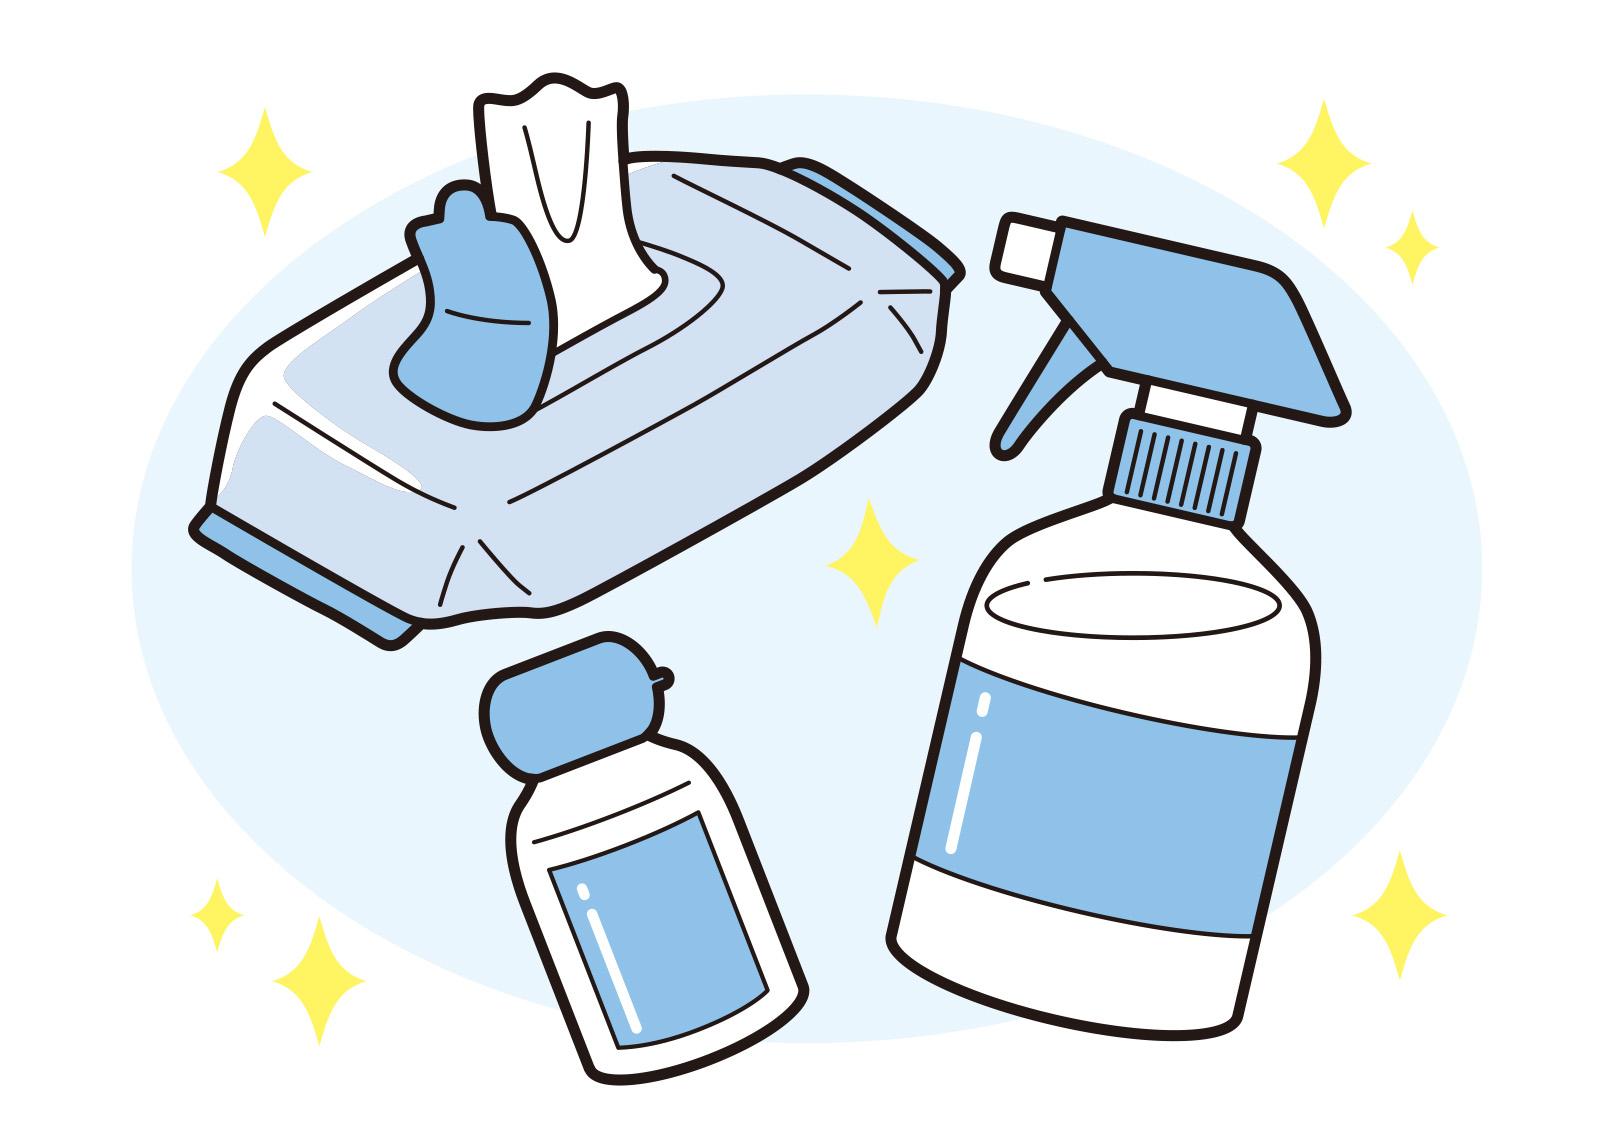 無印良品の除菌シートと抗菌スプレーとは?マスクやハンドクリームも